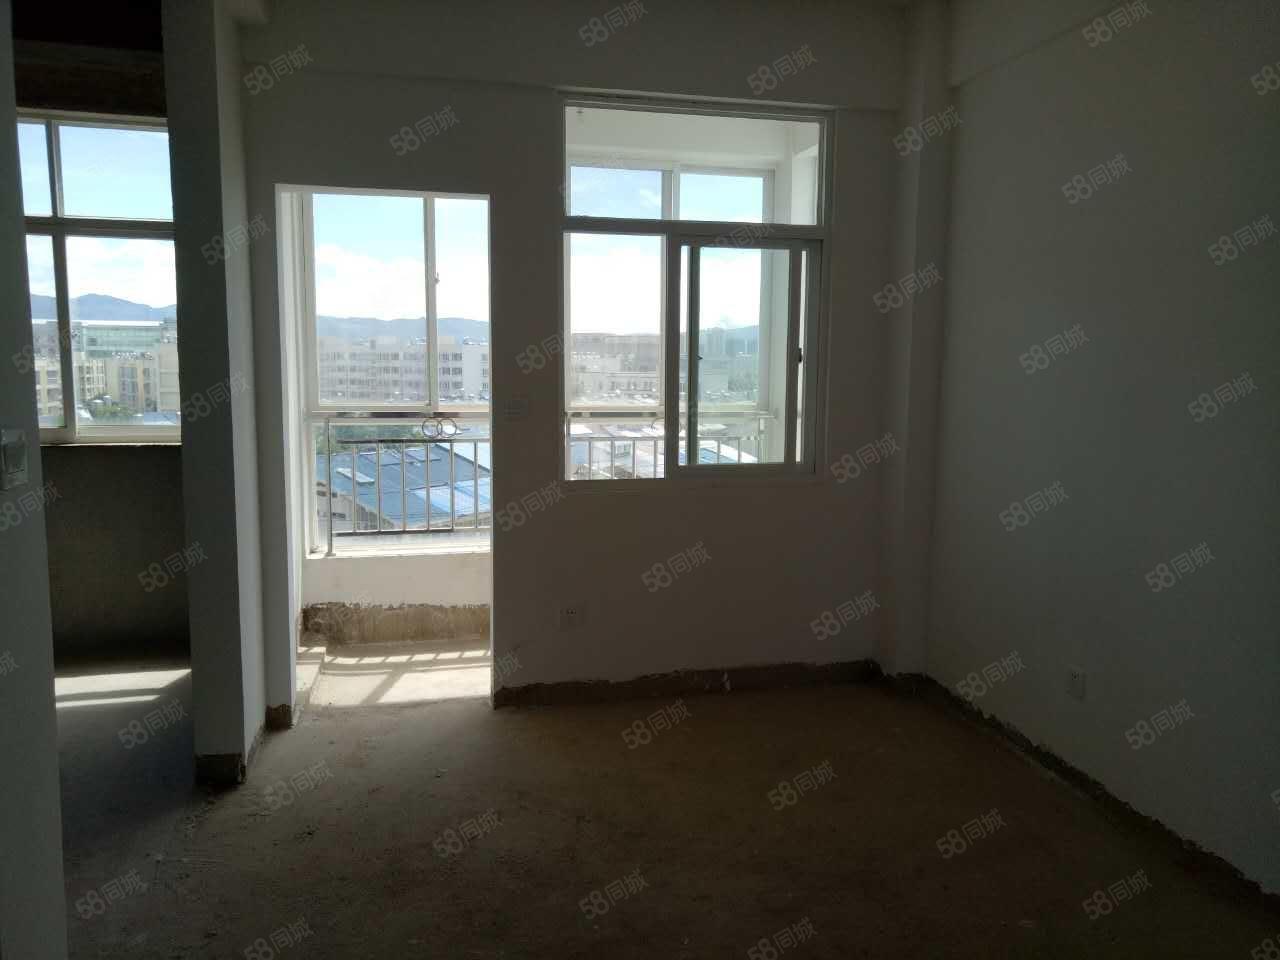 五大中心旁瀛洲河畔三期单身公寓急售,户型格局很好